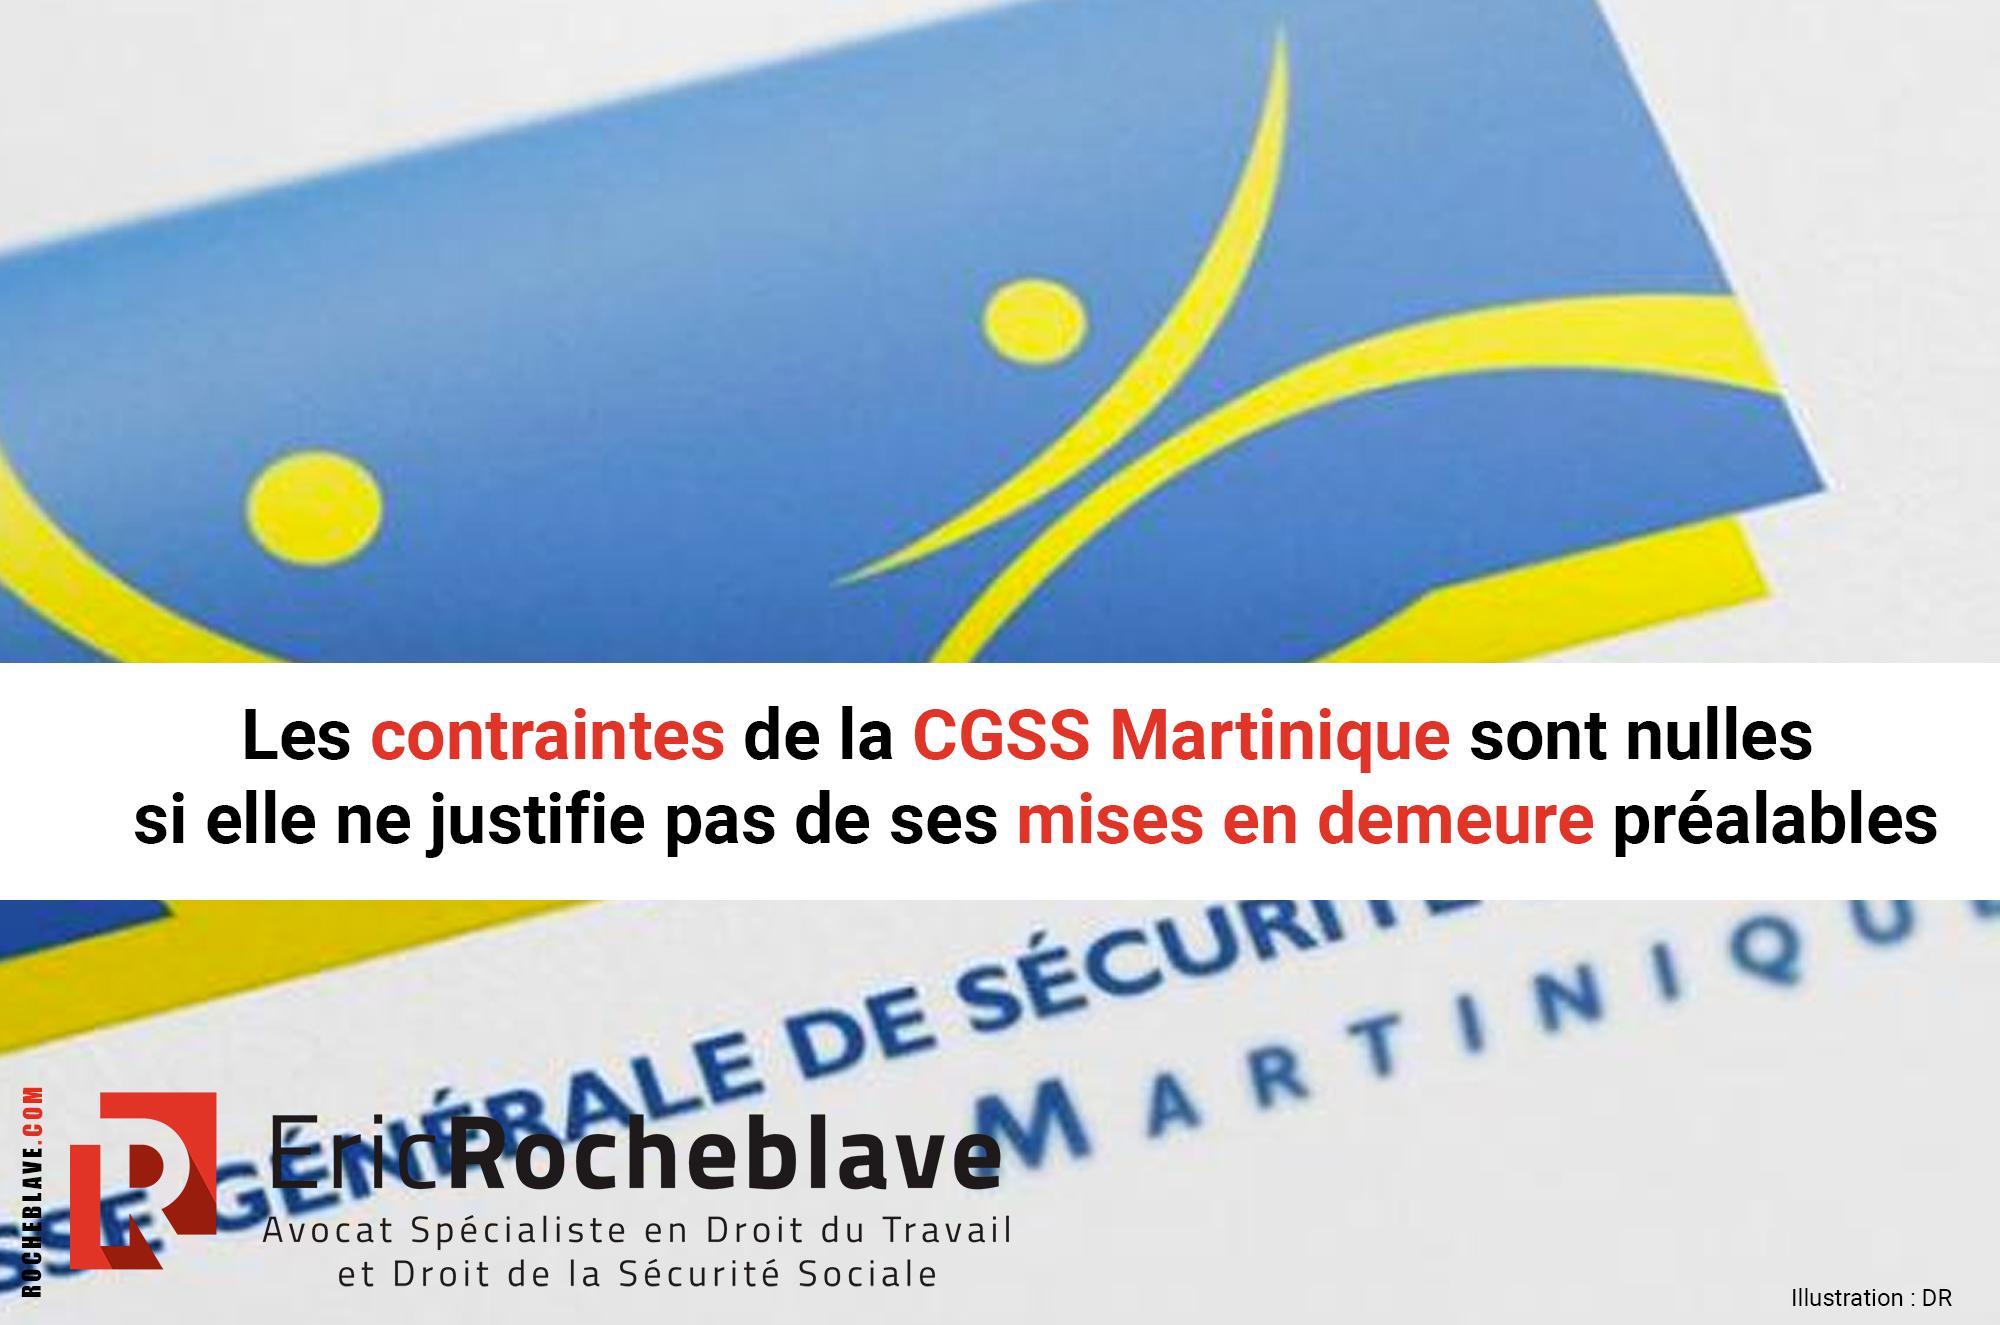 Les contraintes de la CGSS Martinique sont nulles si elle ne justifie pas de ses mises en demeure préalables